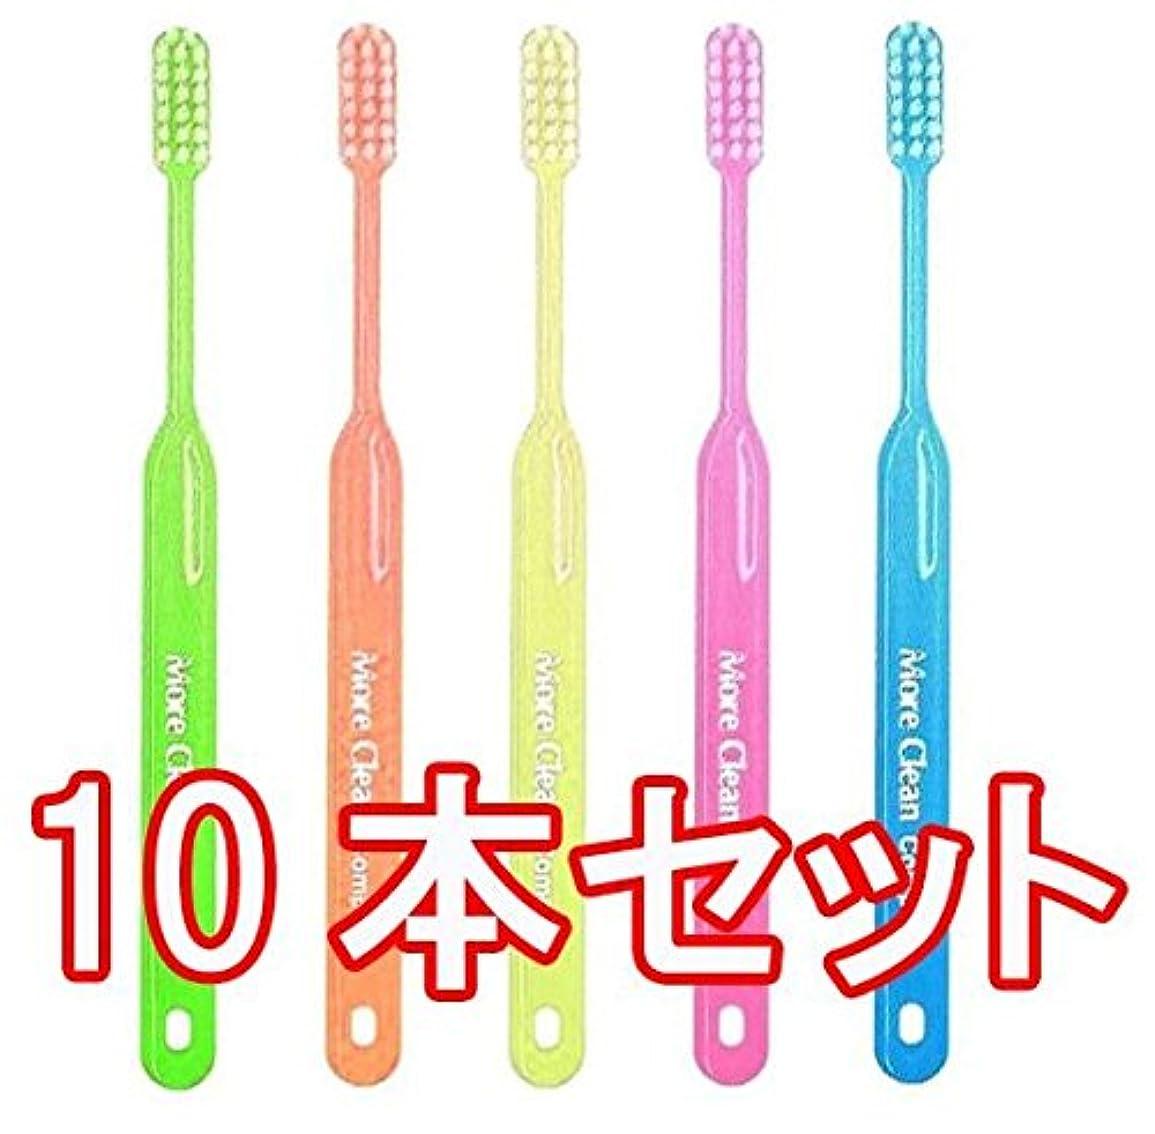 ウィルデント モアクリーン 歯ブラシ コンパクト 10本入